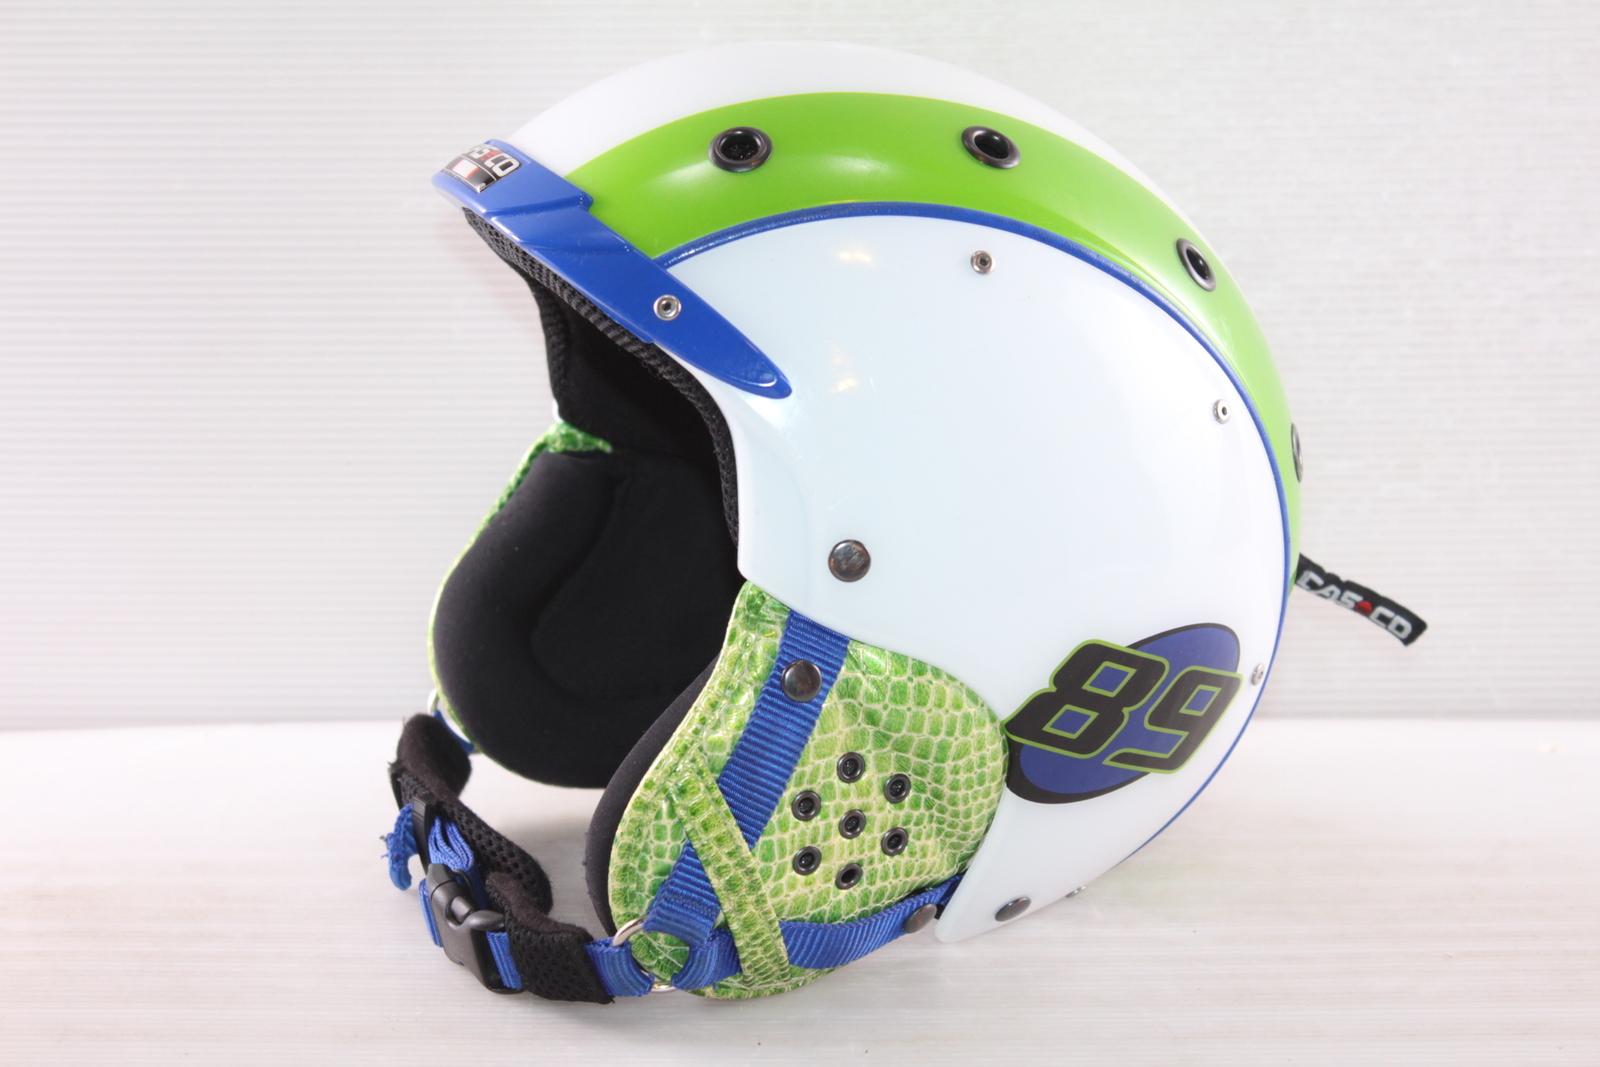 Dětská lyžařská helma Casco Casco 89 - posuvná vel. 54 - 56